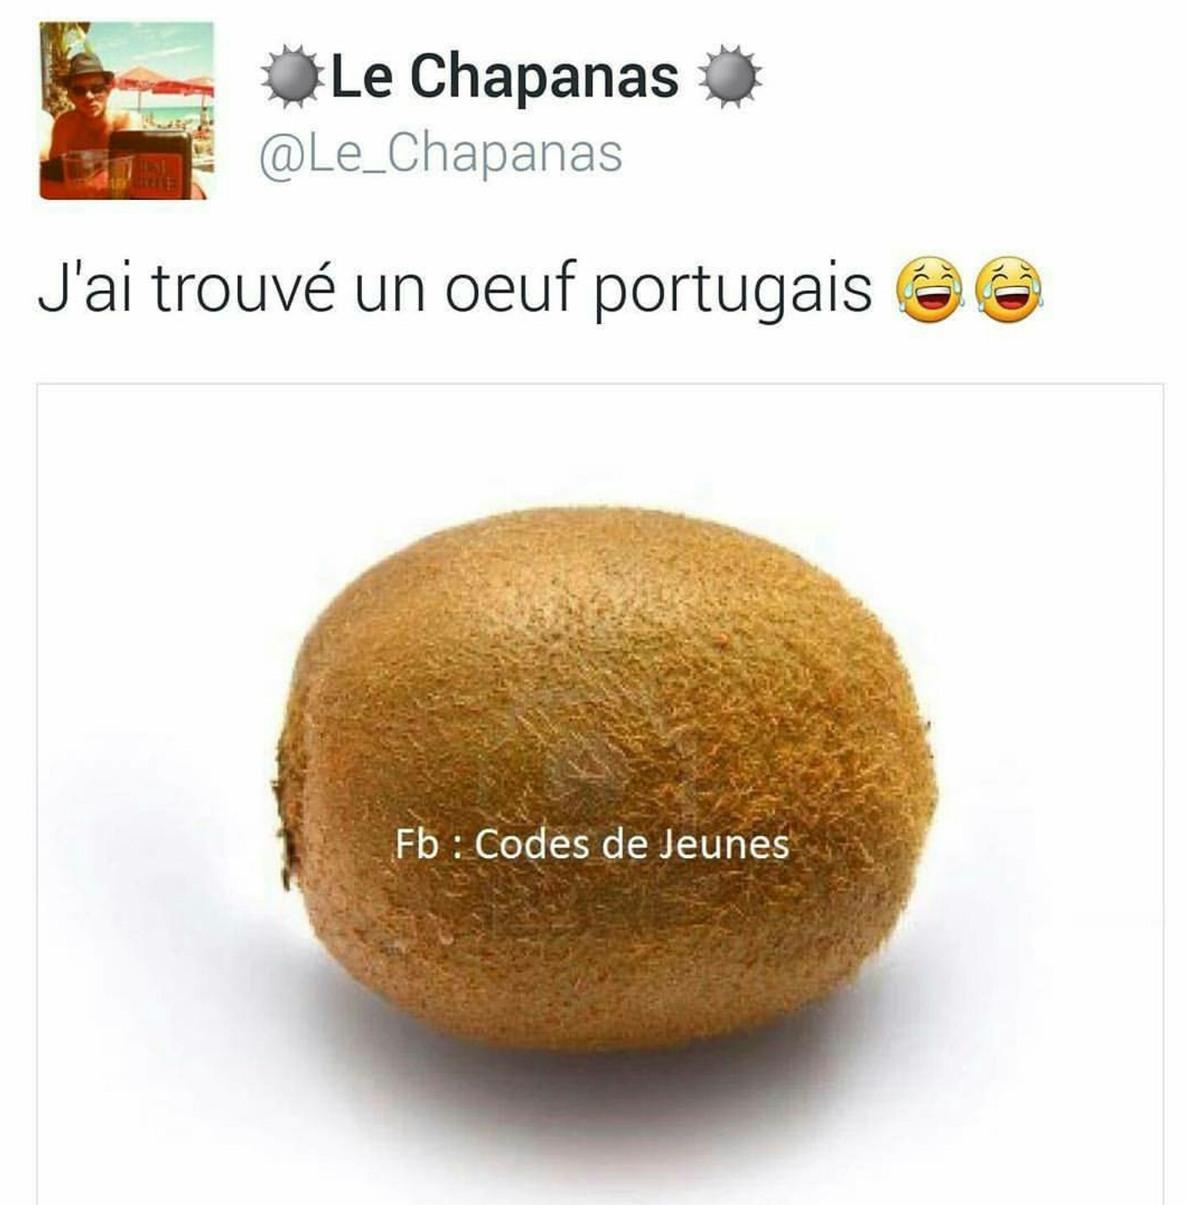 Les portugaiches - meme